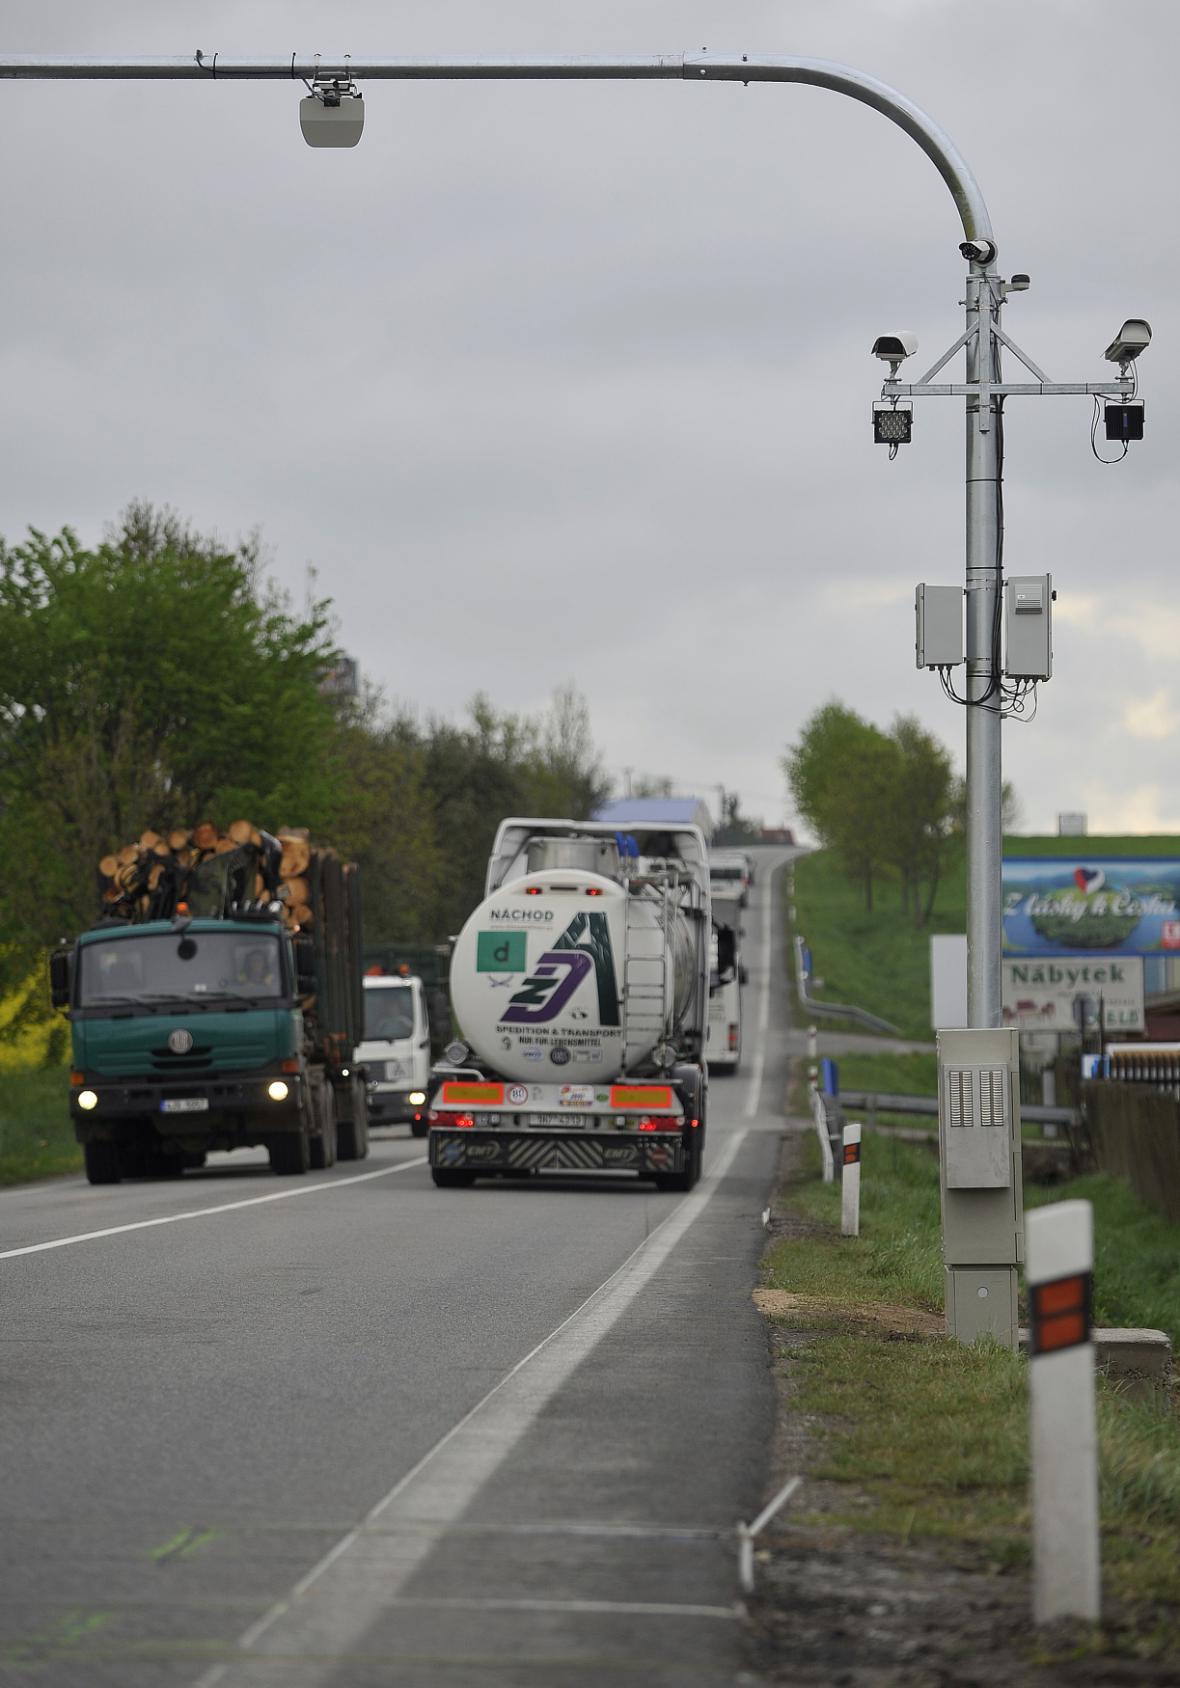 Po silnici 602 přes Velké Meziříčí denně projede asi 600 nákladních aut